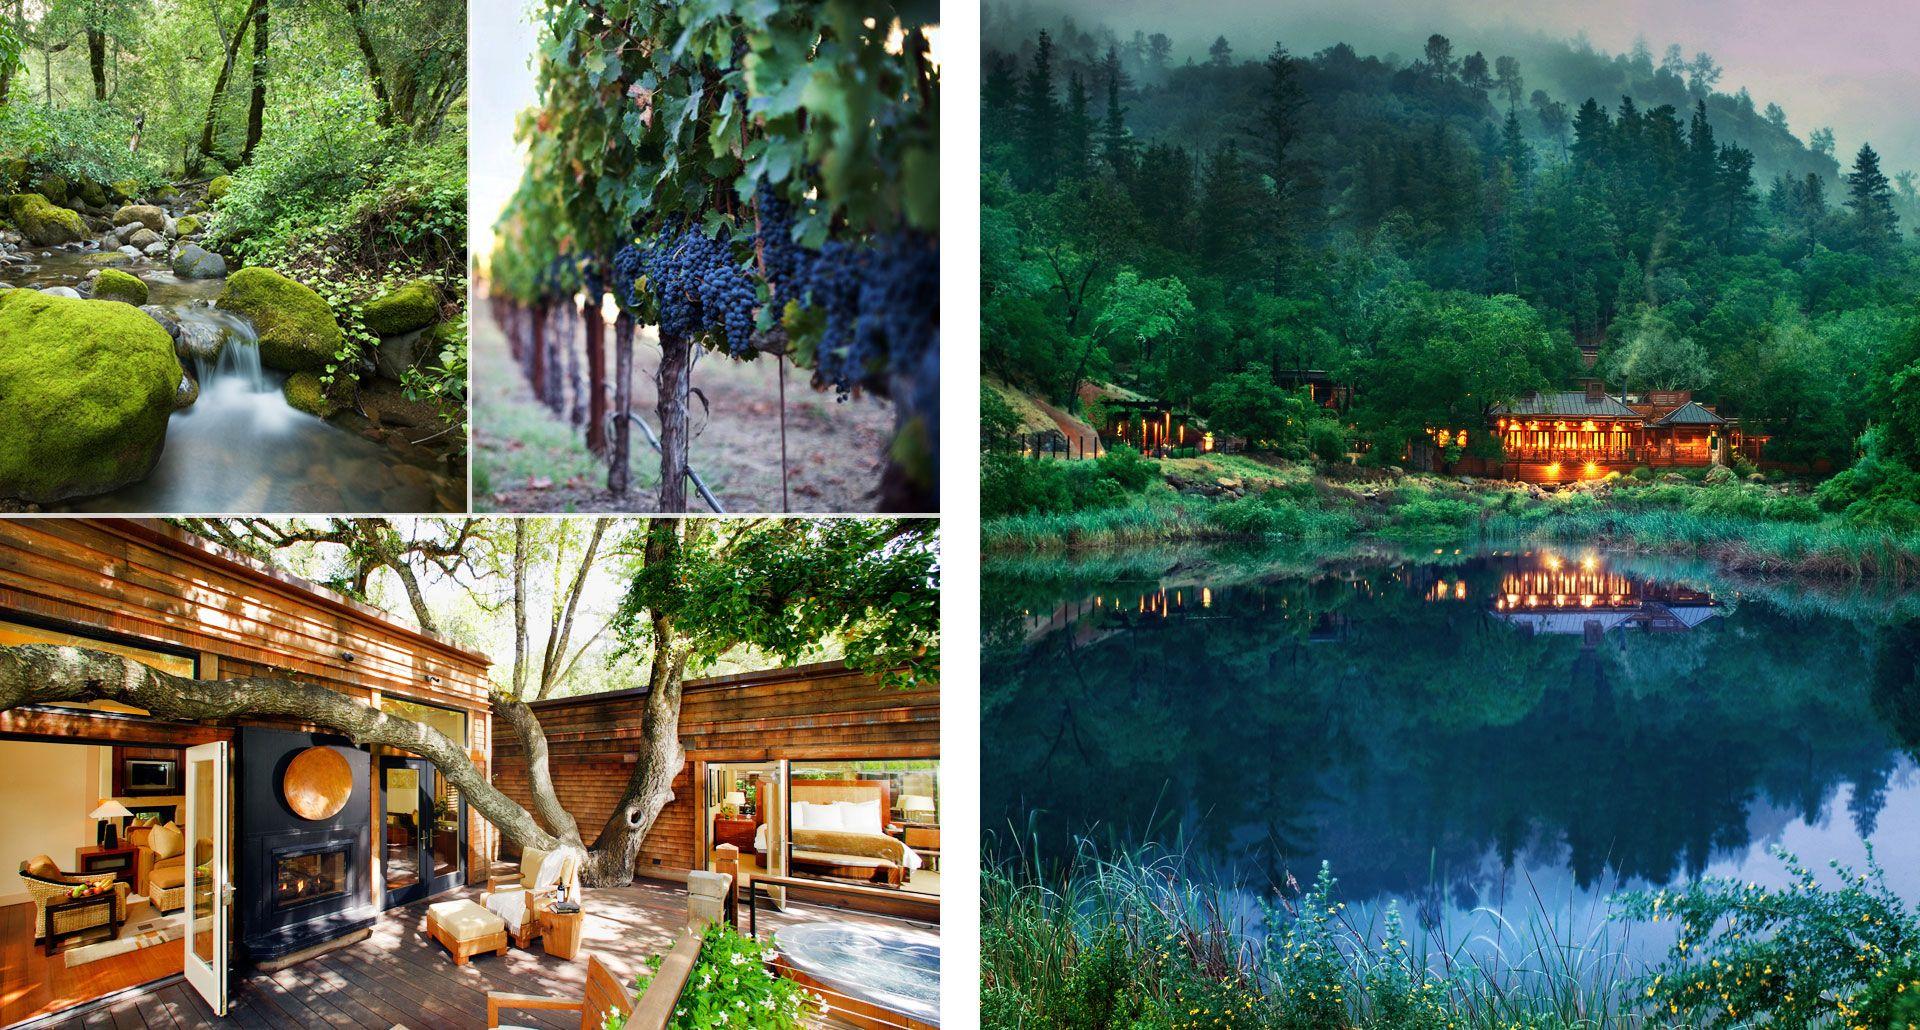 Honeymoon Hotels Getaways The Agenda By Tablet